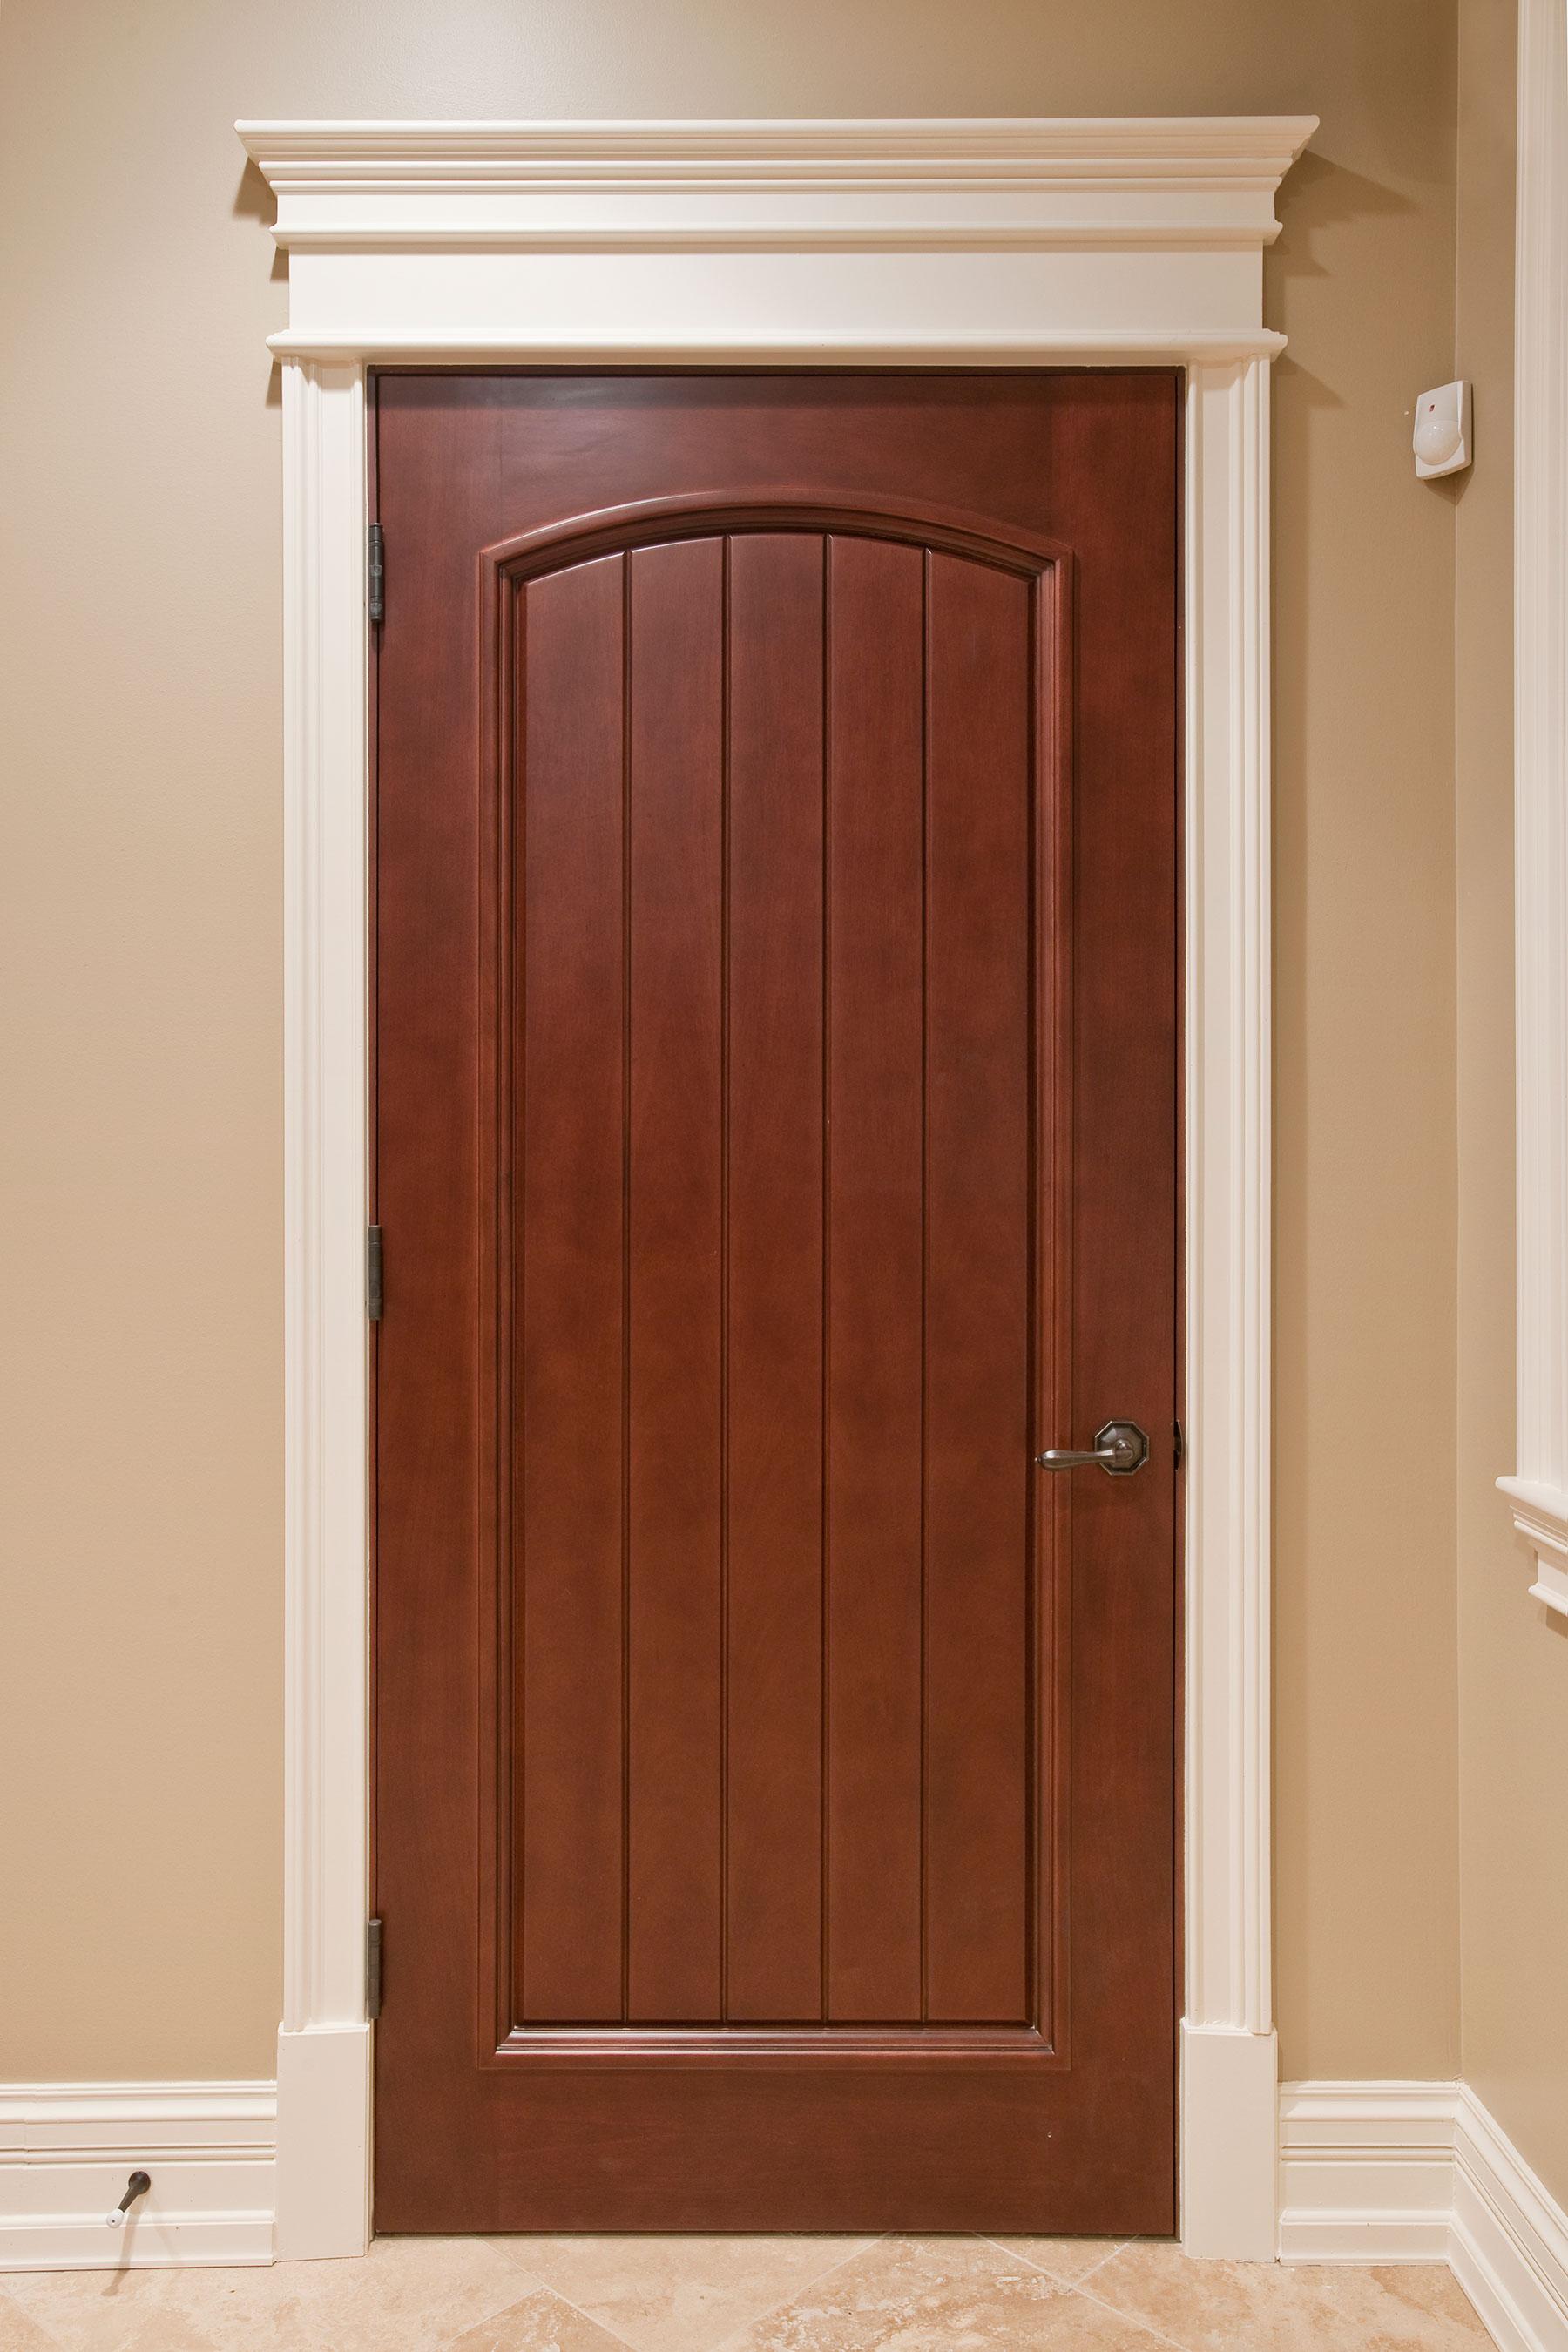 Custom Wood Interior Doors | Single V-groove Panel Made-to-Order Interior Door DBI-501 - Glenview Doors - Custom Doors in Chicago